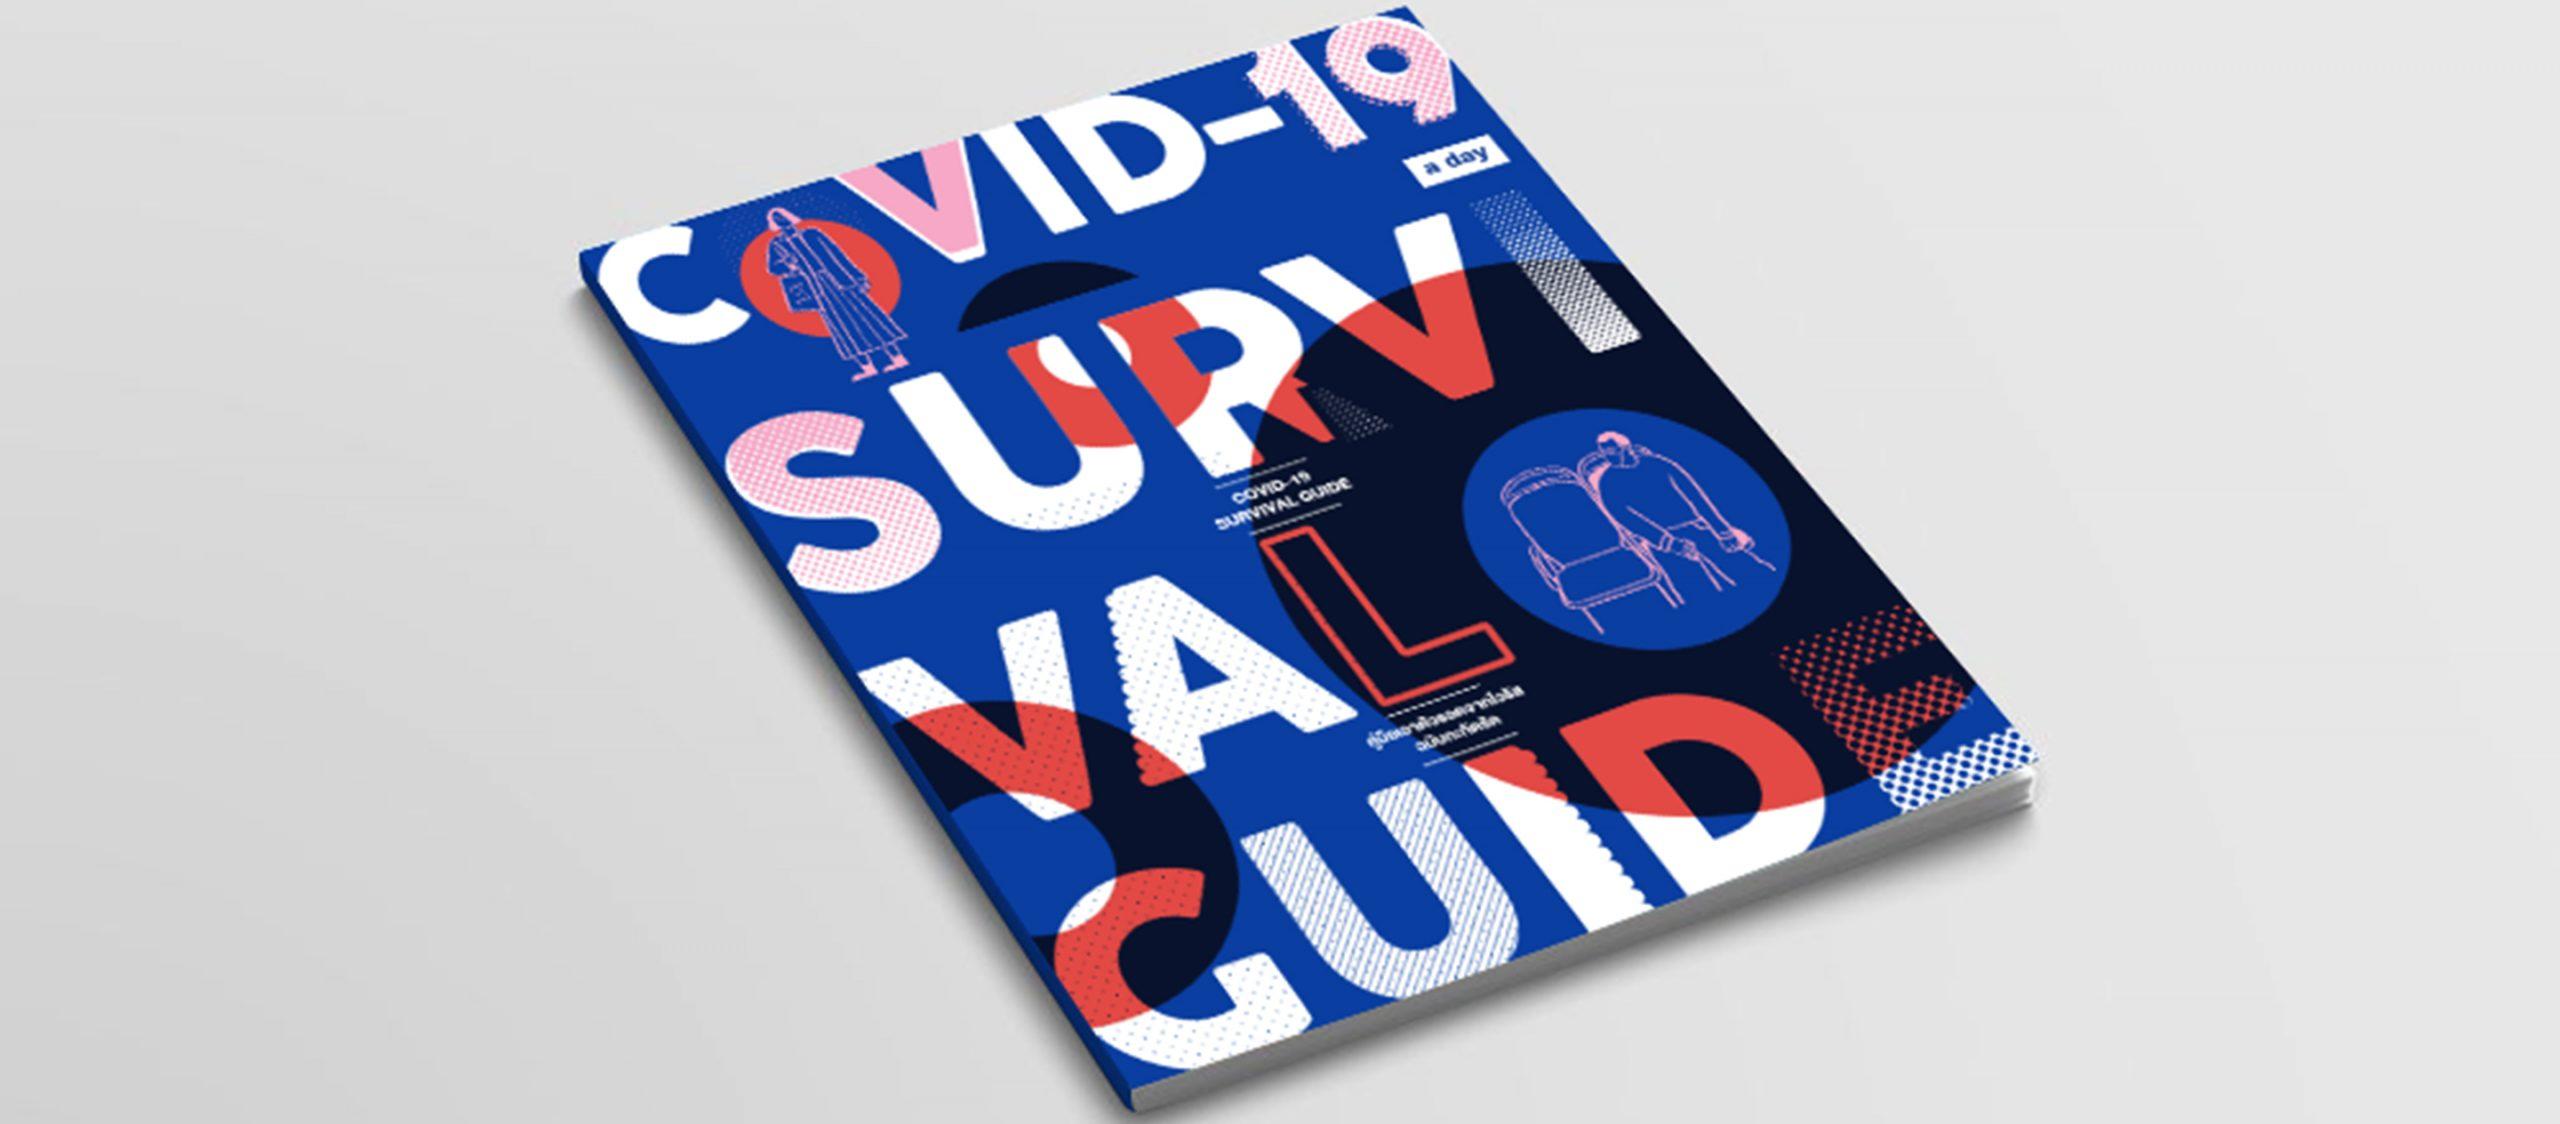 COVID-19 Survival Guide คู่มือเอาตัวรอดจากไวรัสฉบับกะทัดรัด